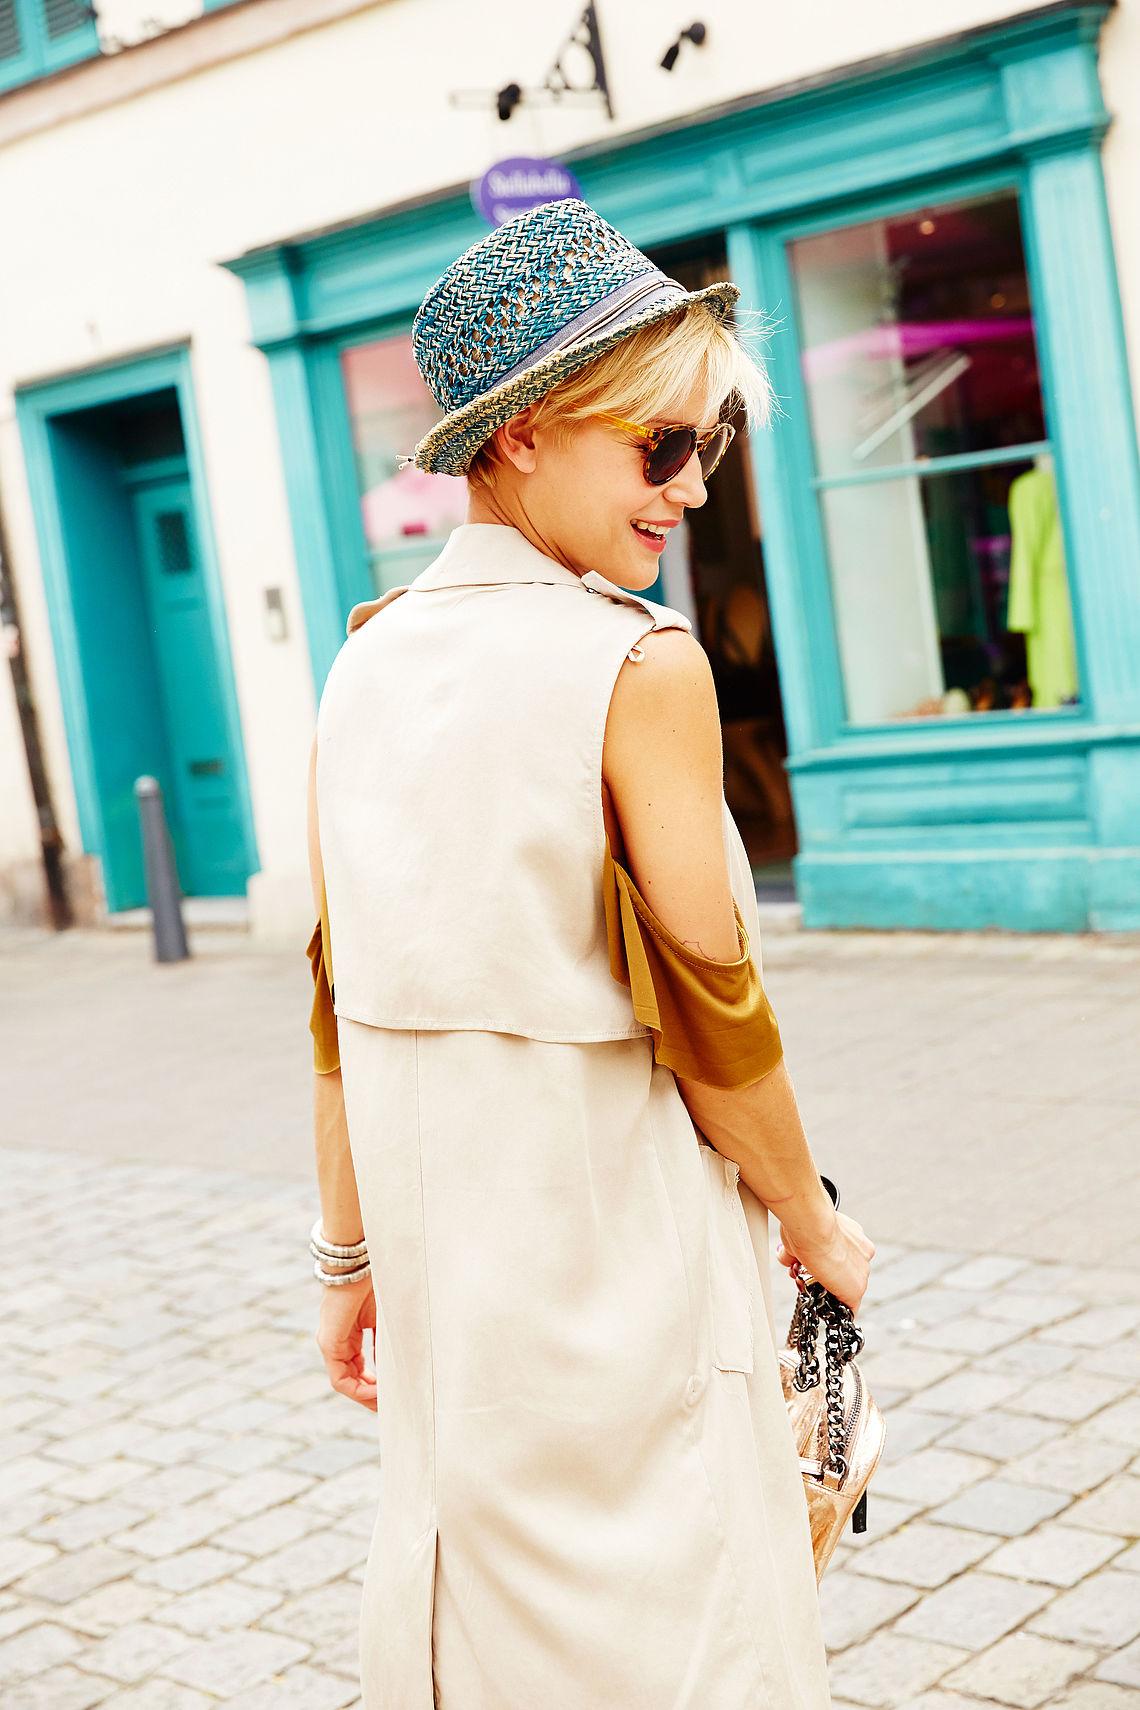 woman outside, wearing sunglasses